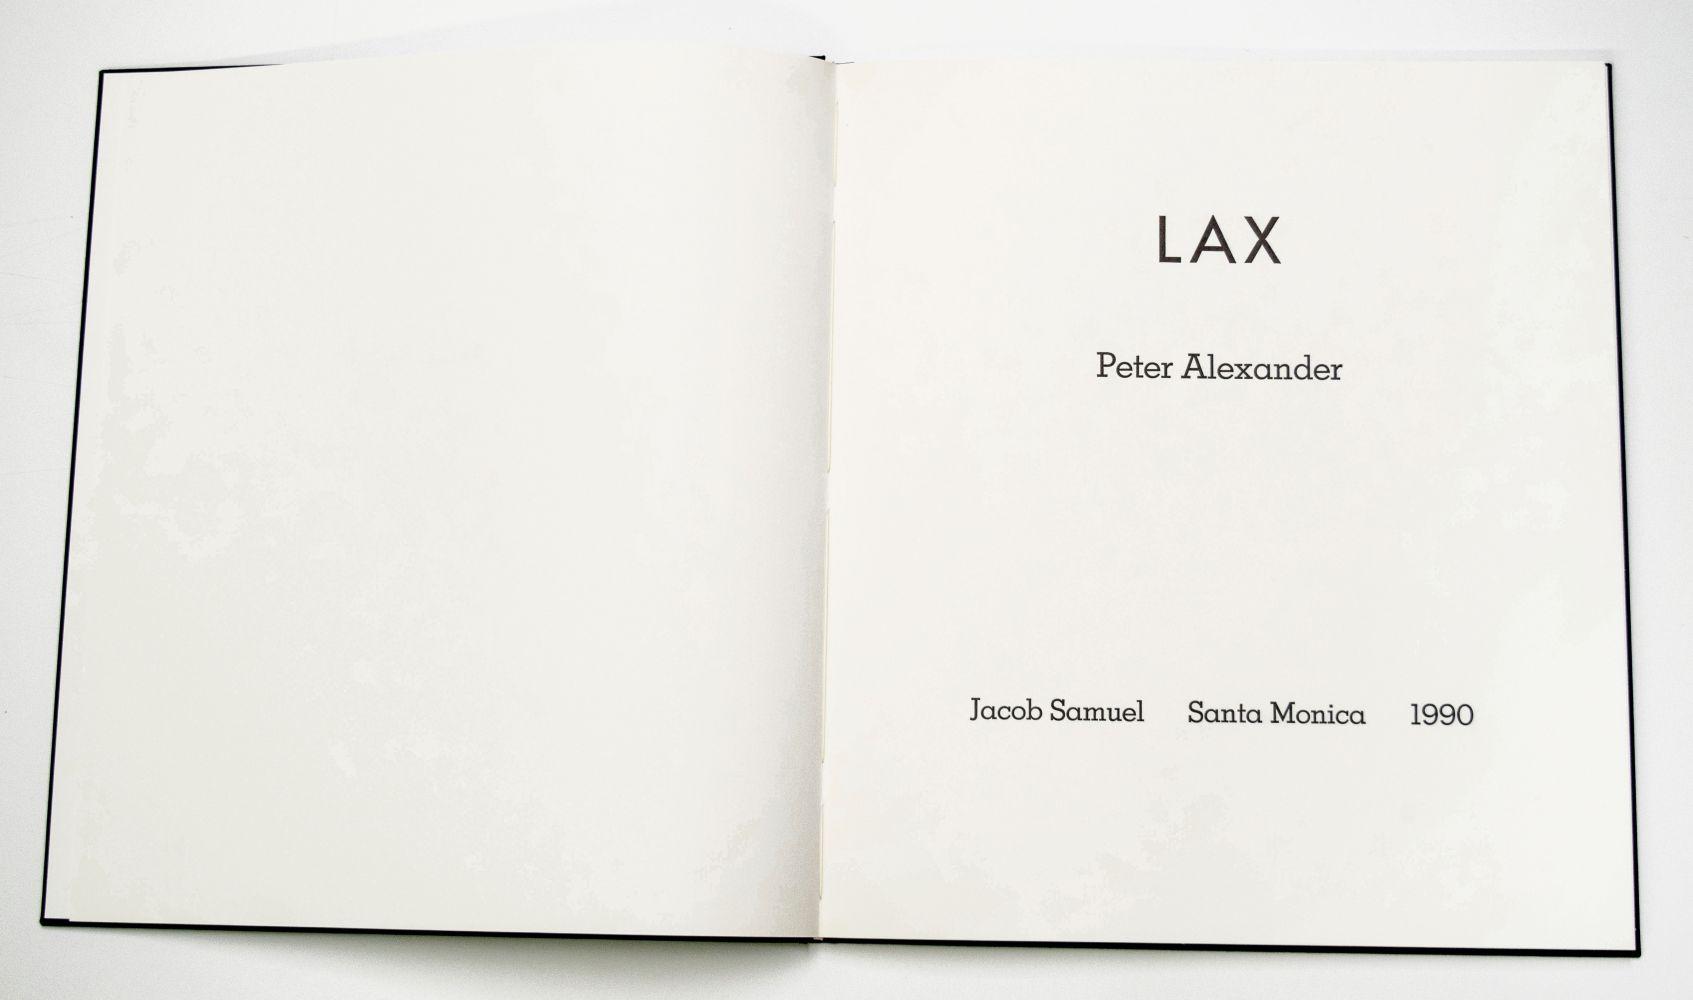 Peter Alexander LAX, 1990